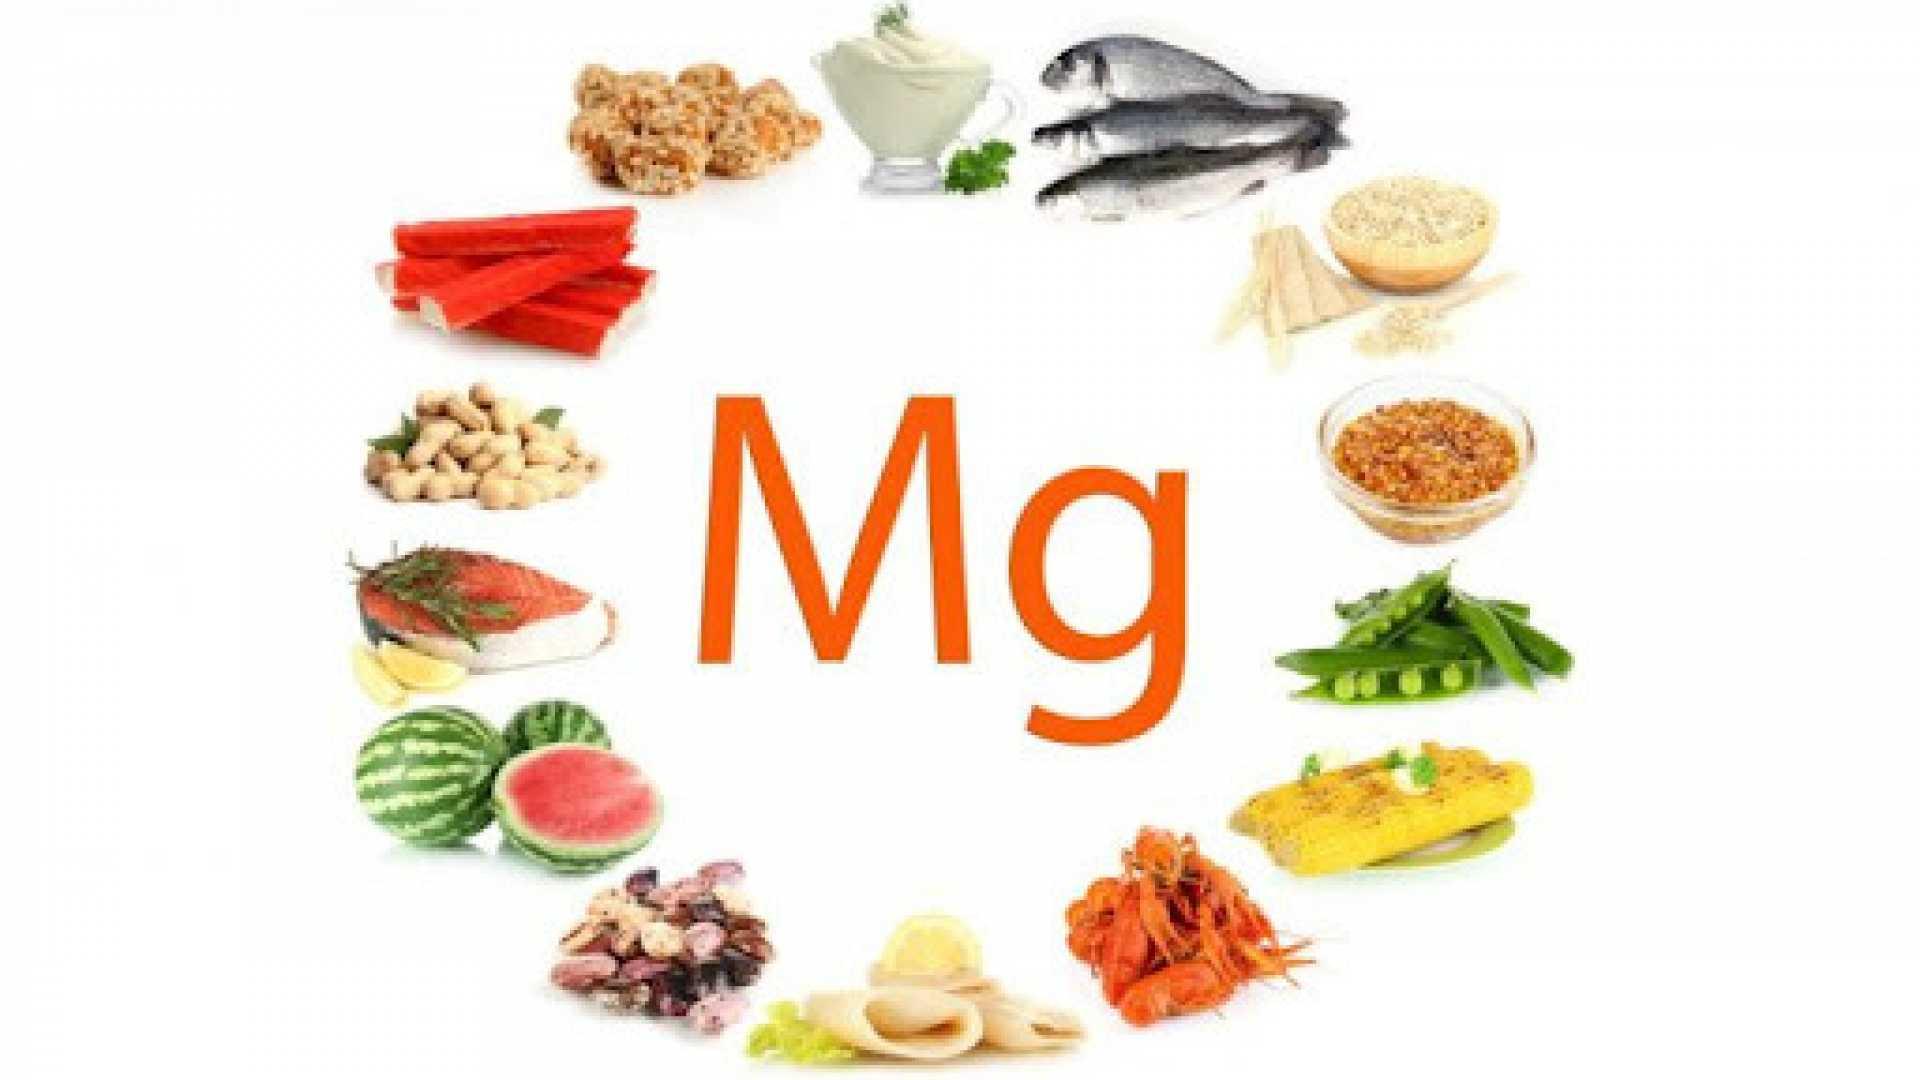 Magnéziumhiány ellen küzdj megfelelő táplálkozással!  <br>Rengeteg étel van, amely hatásos magnéziumhiány ellen